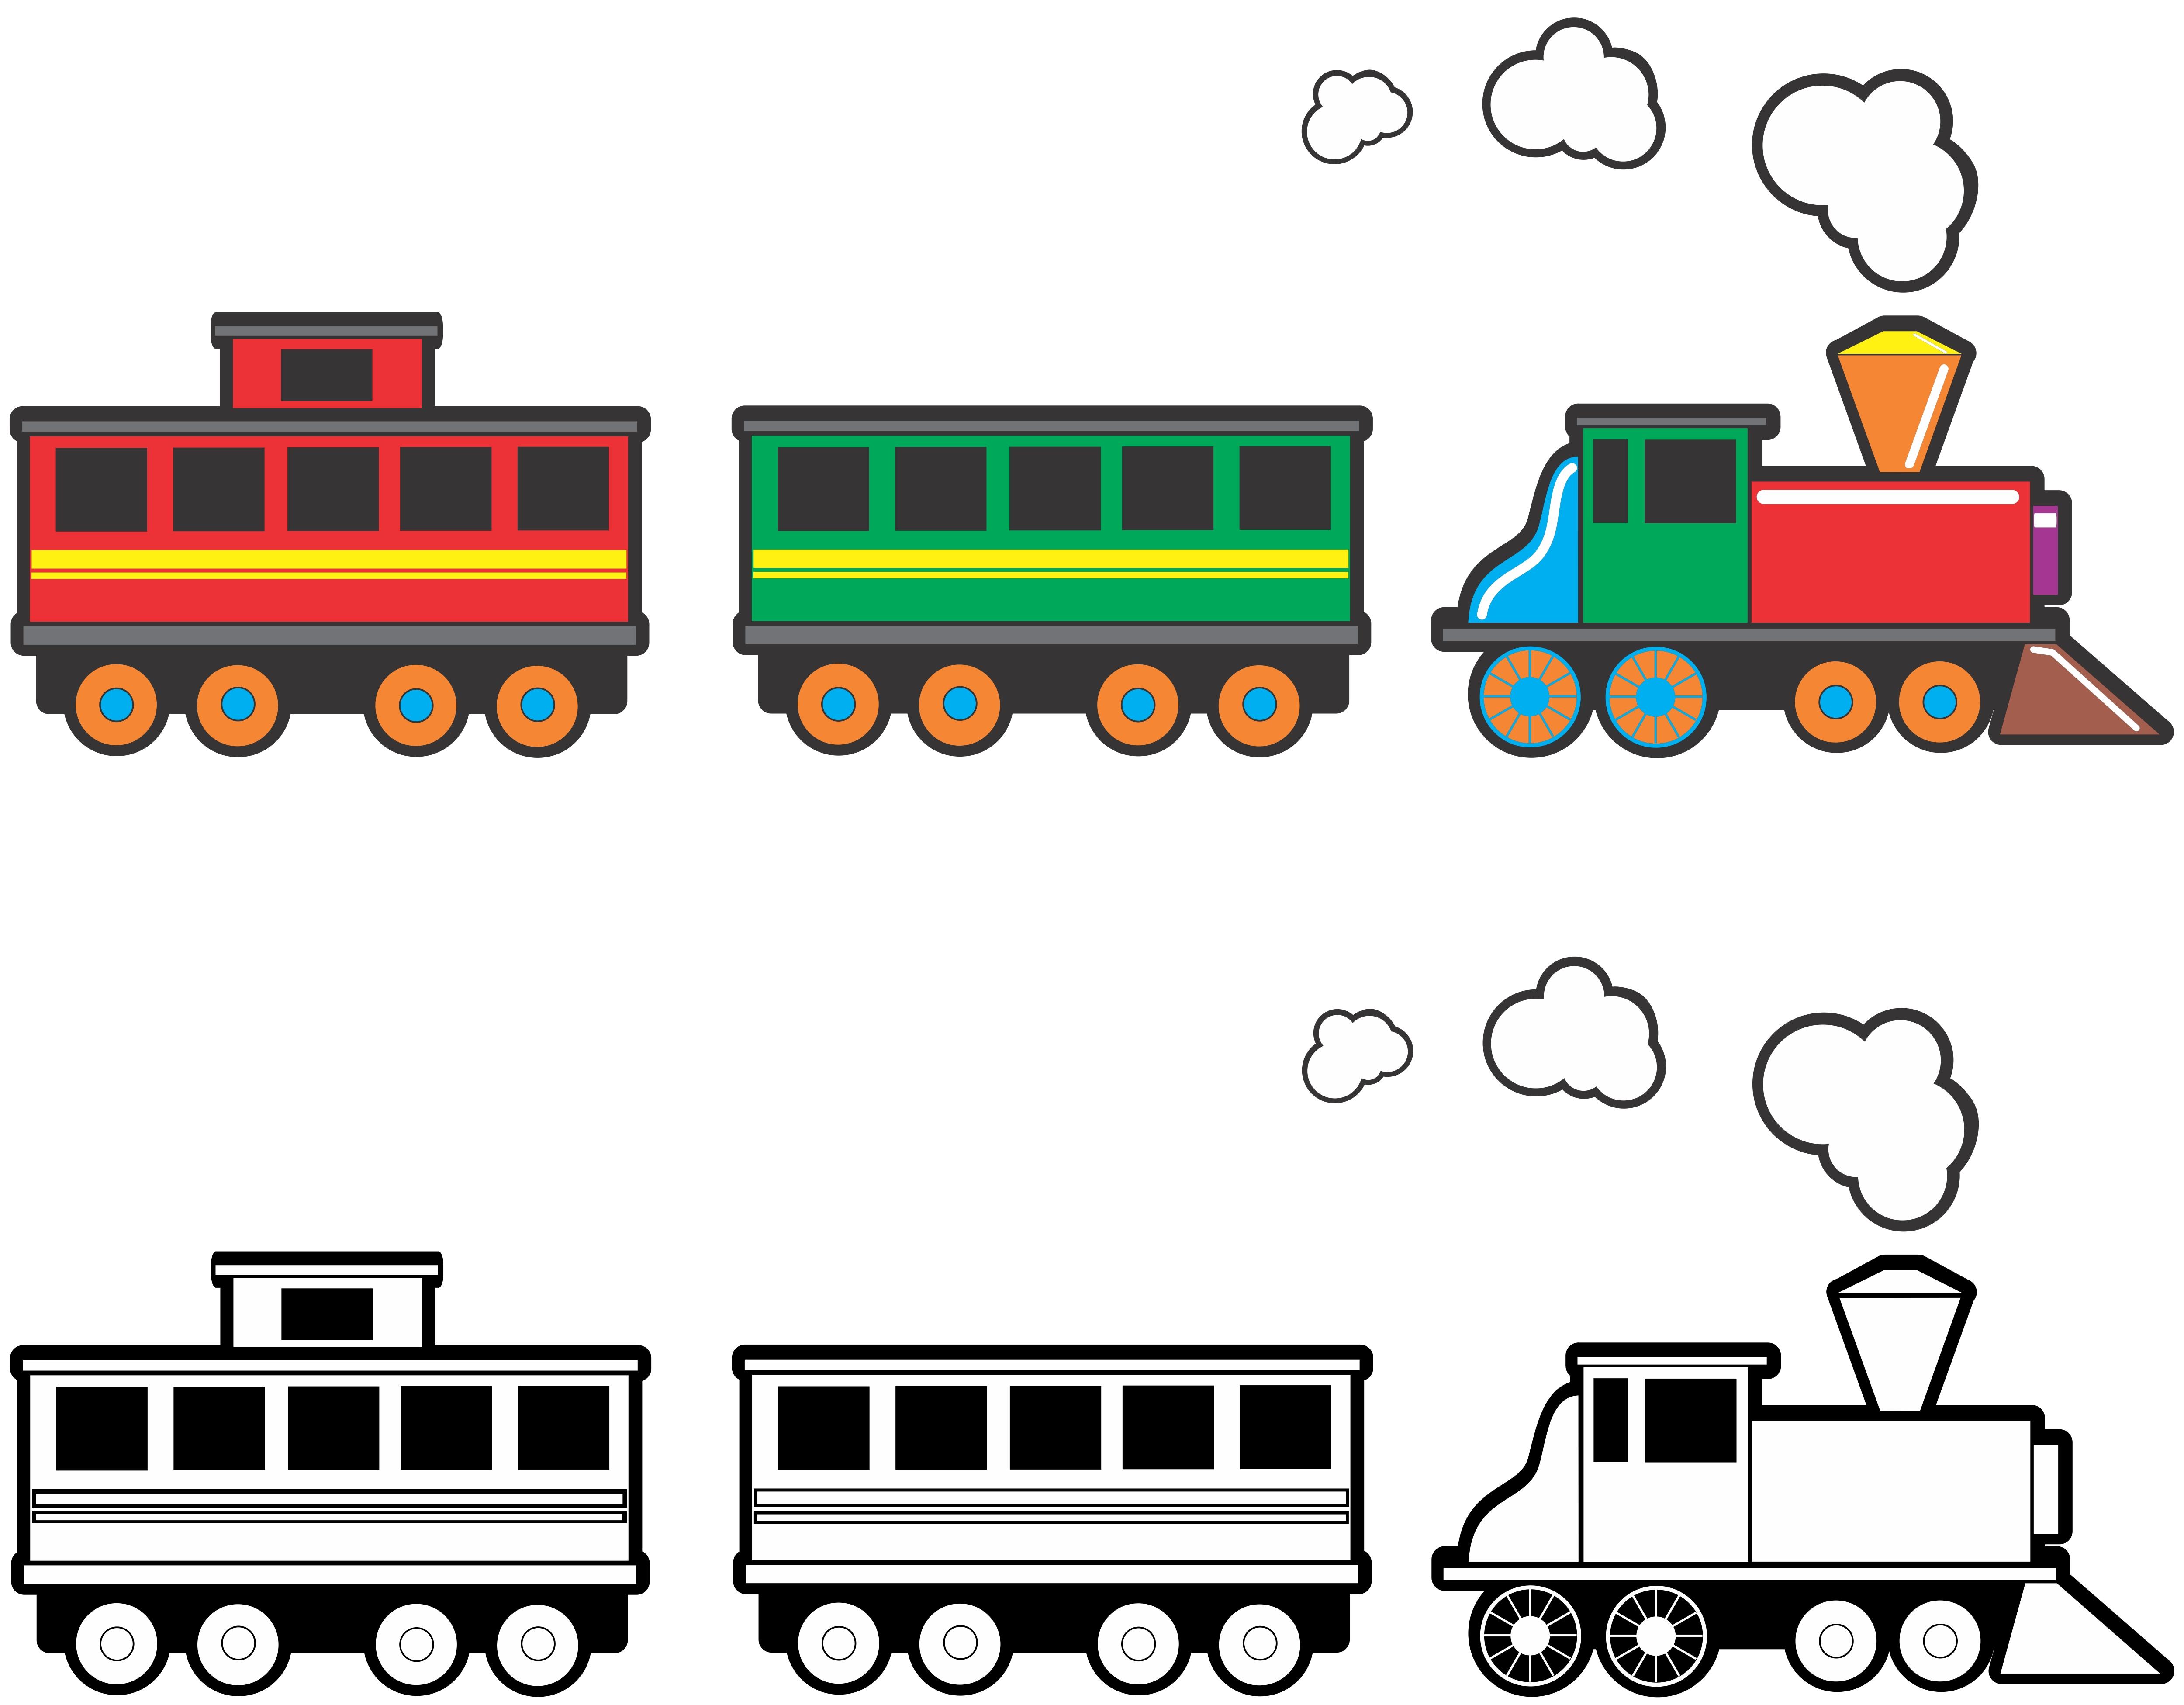 train clip art free download - photo #21